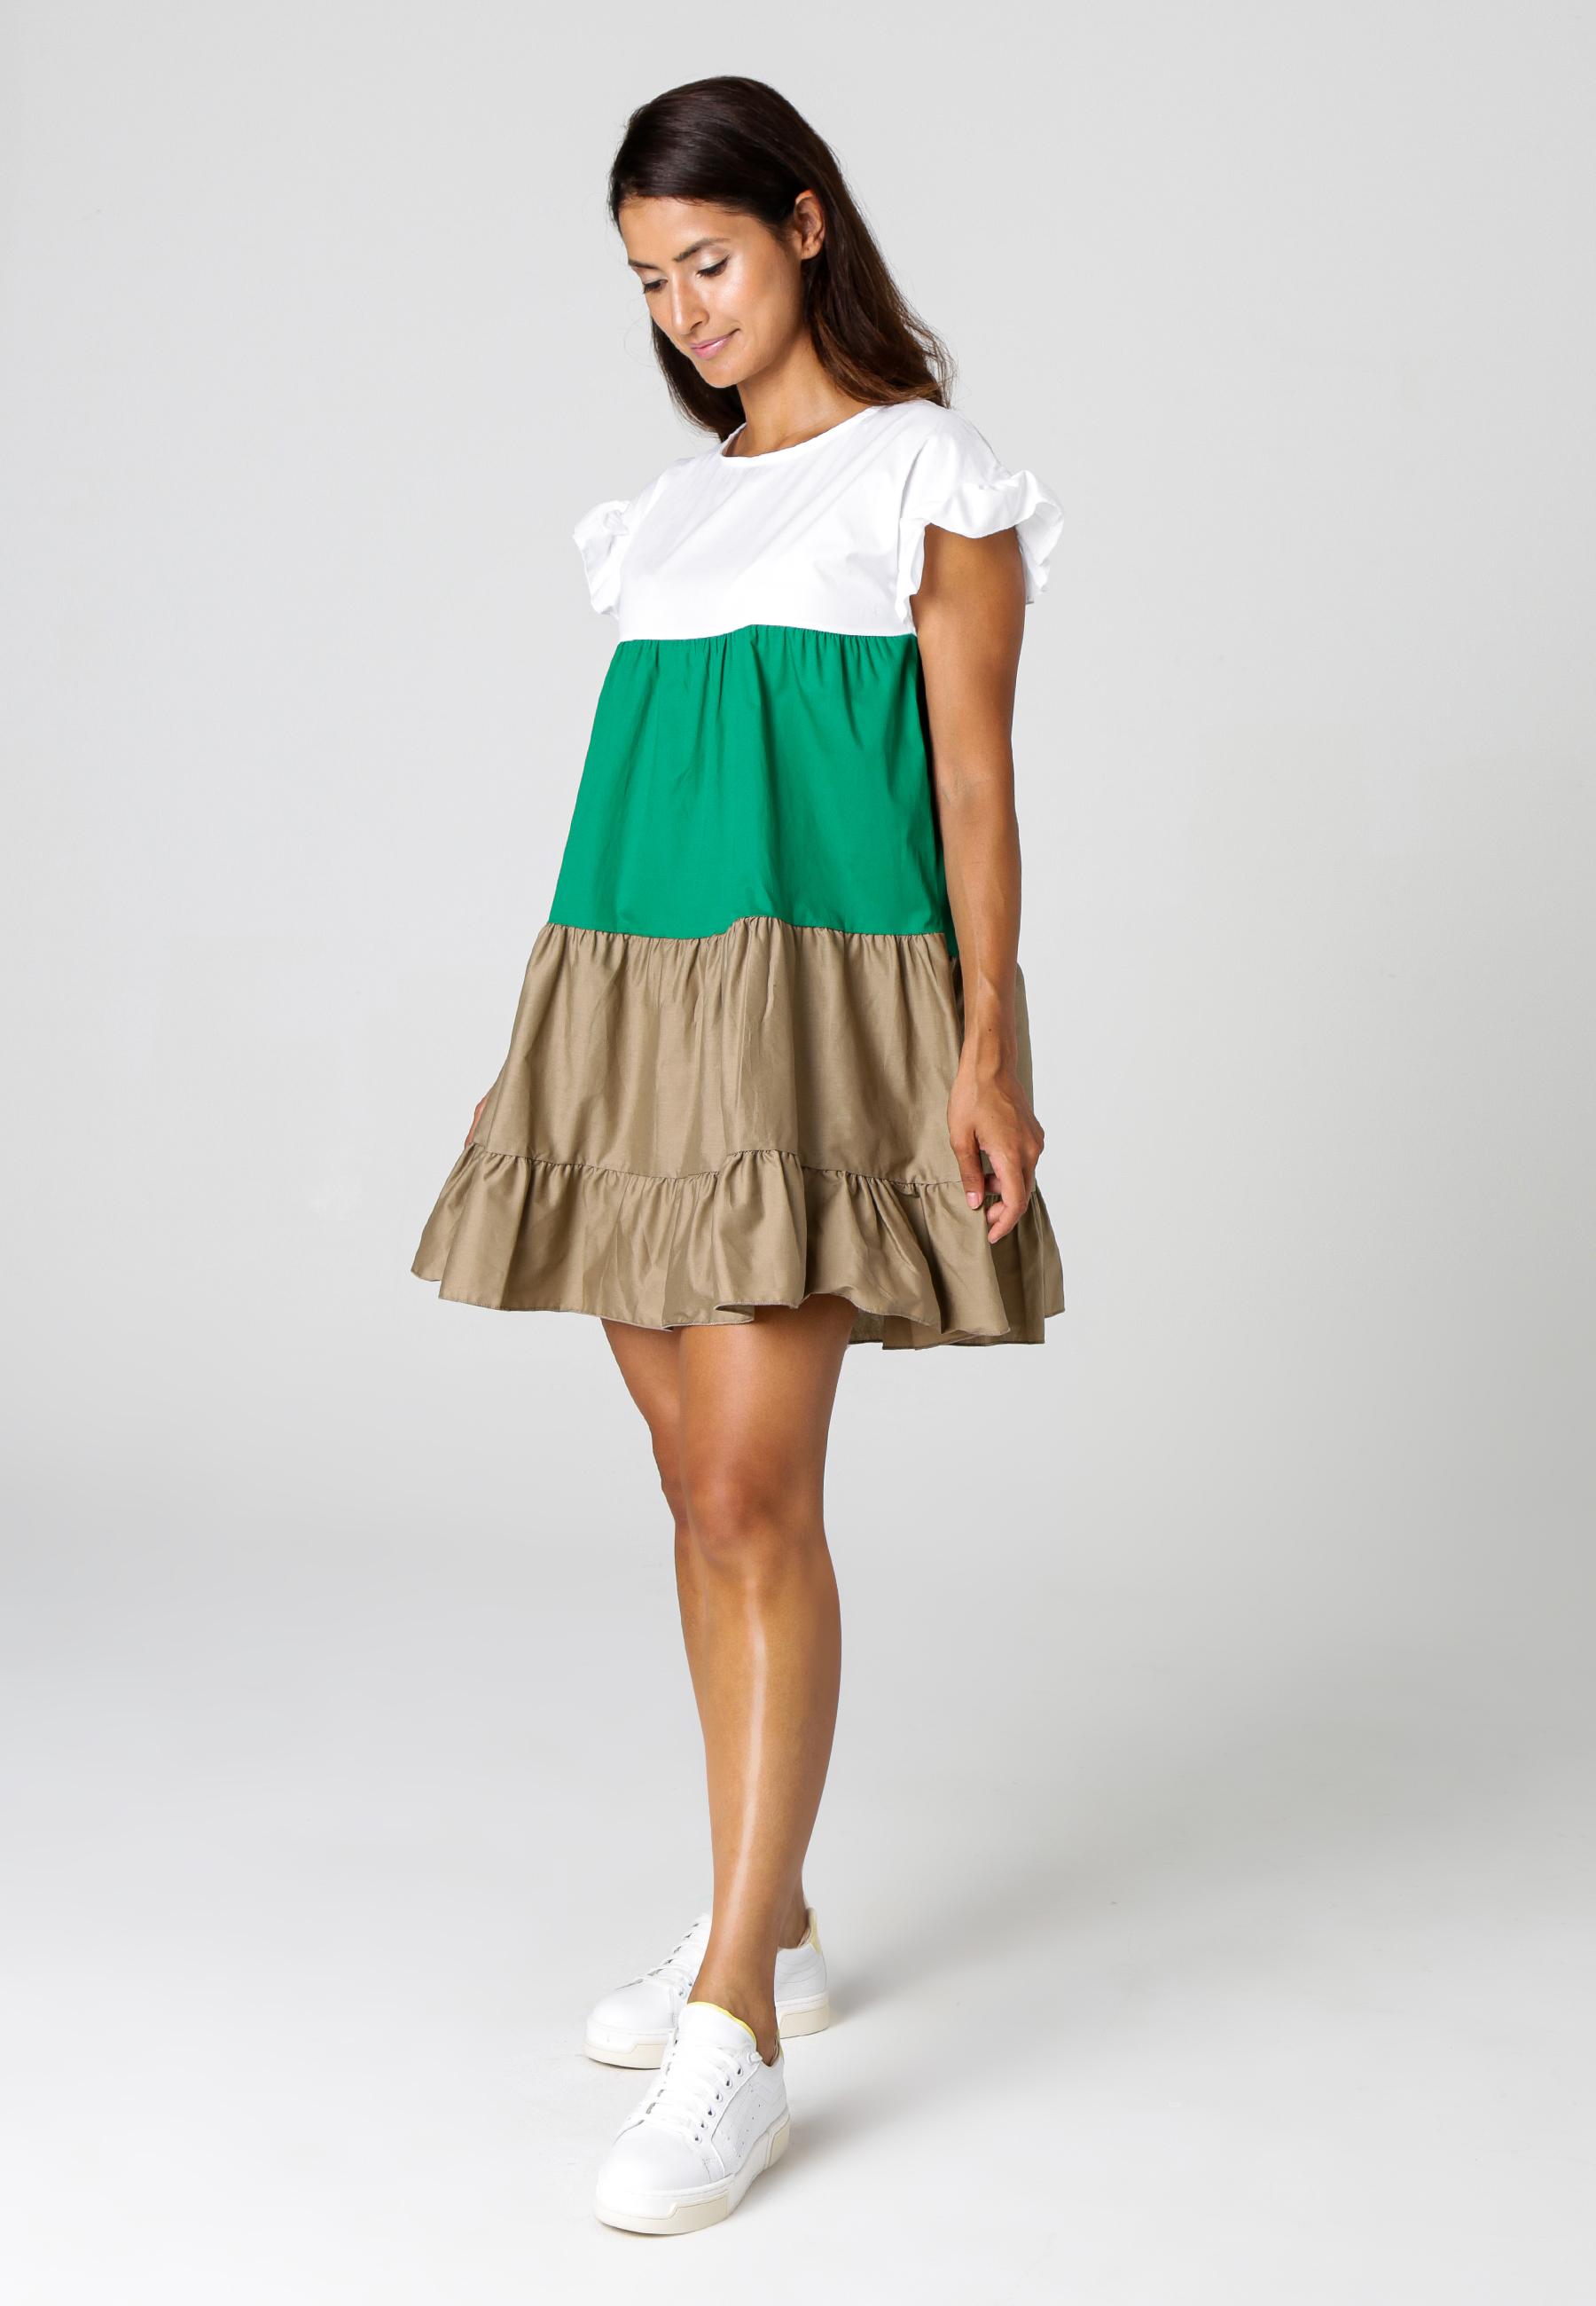 MiaZAYA Kleid Tricolore